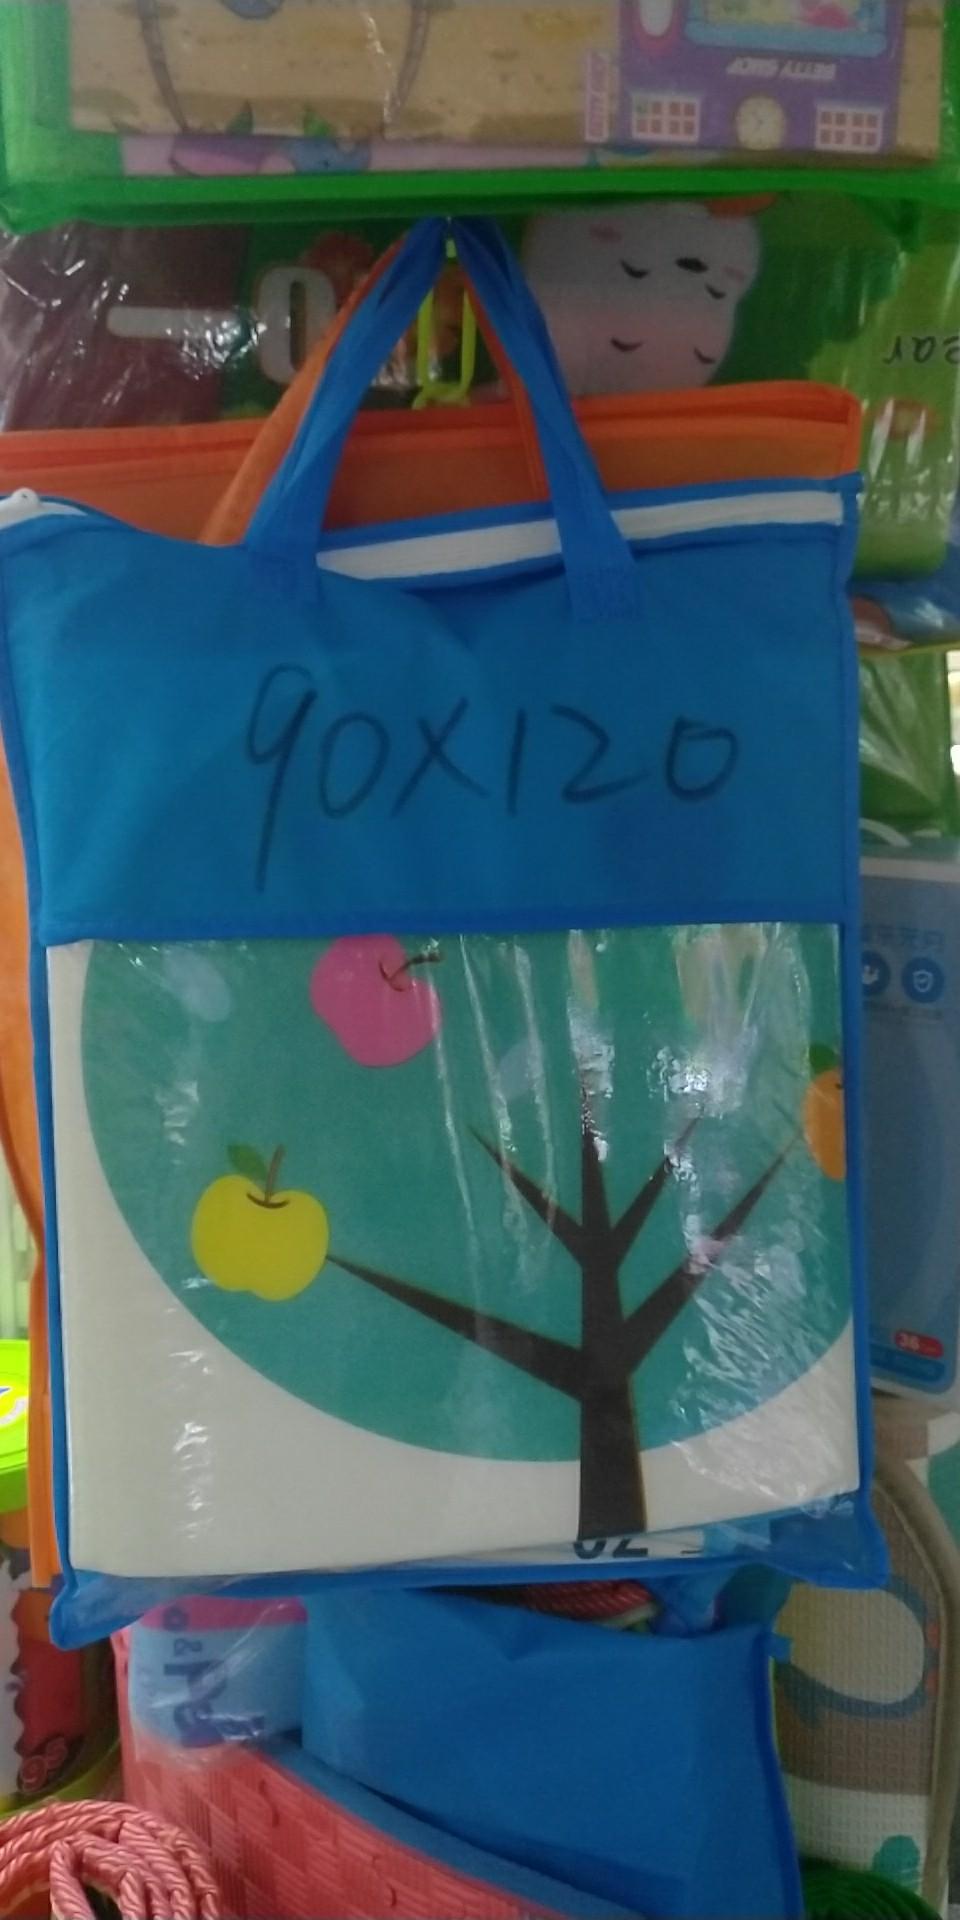 儿童环保防潮垫泡沫地垫野餐垫游戏毯防光垫